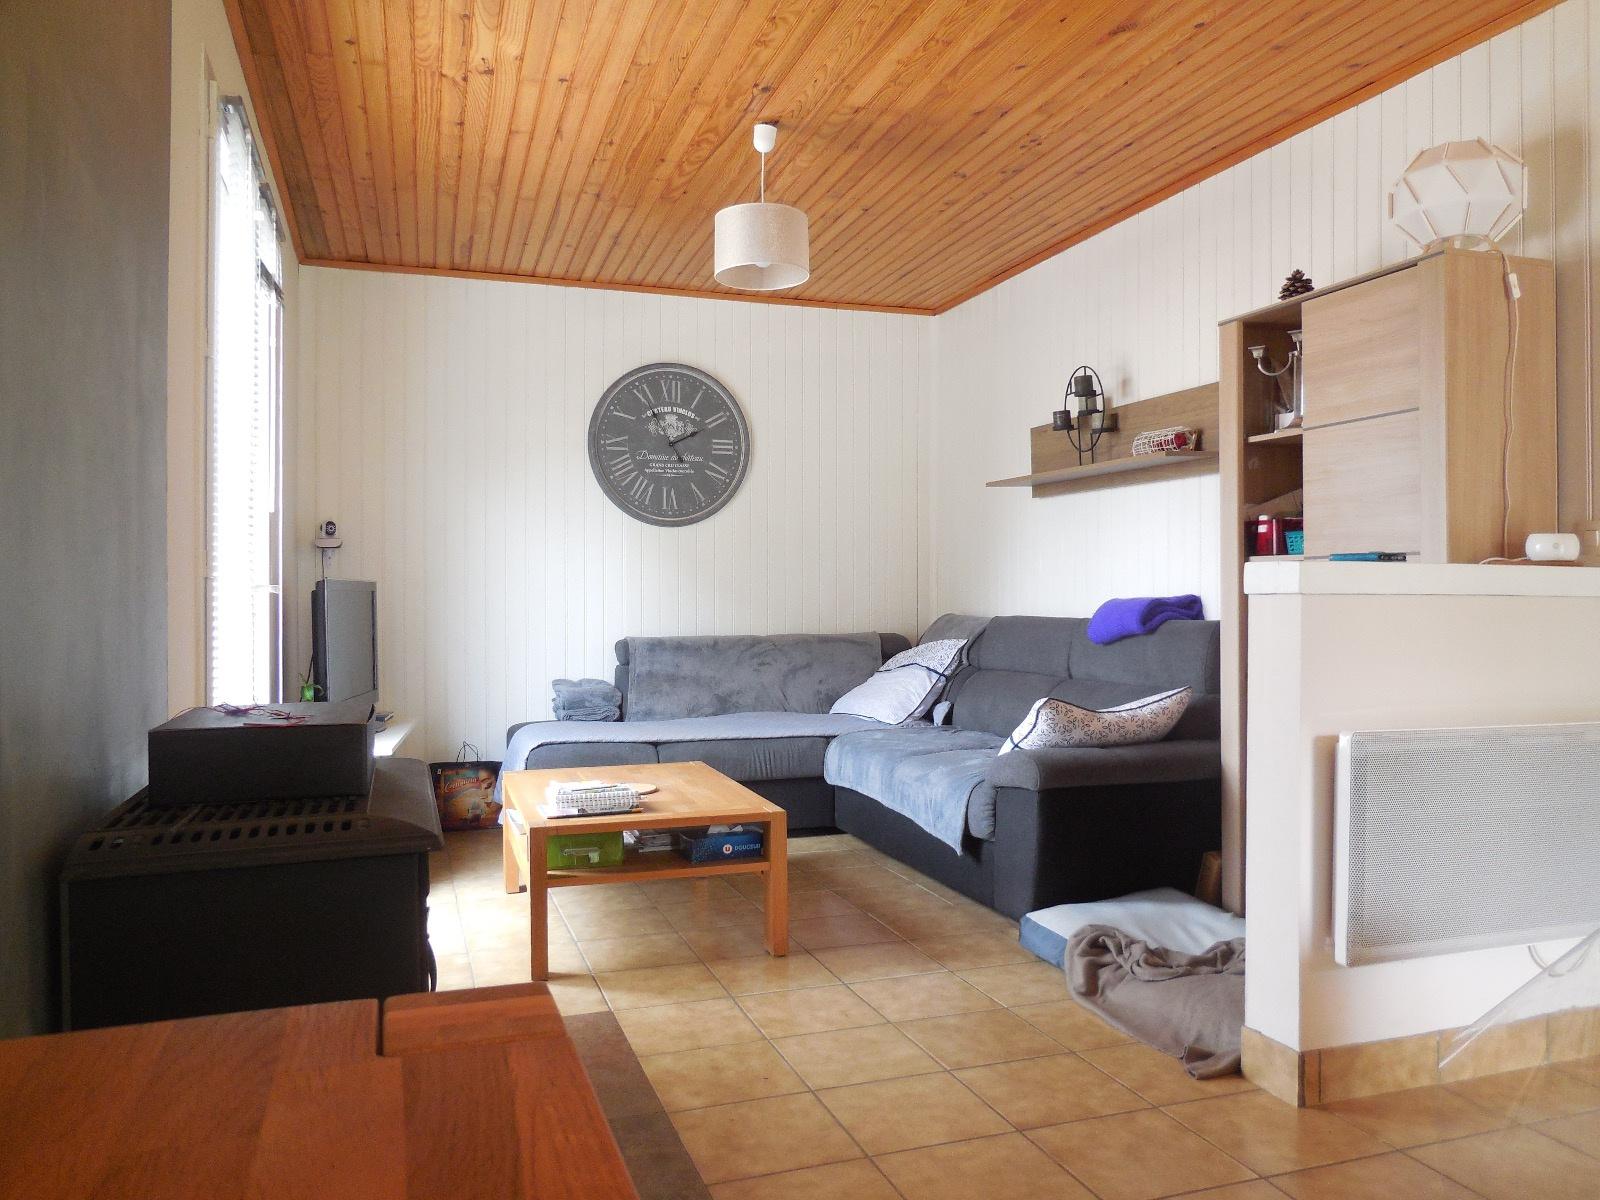 maison/villa nieul sur mer MAISON NIEUL SUR MER